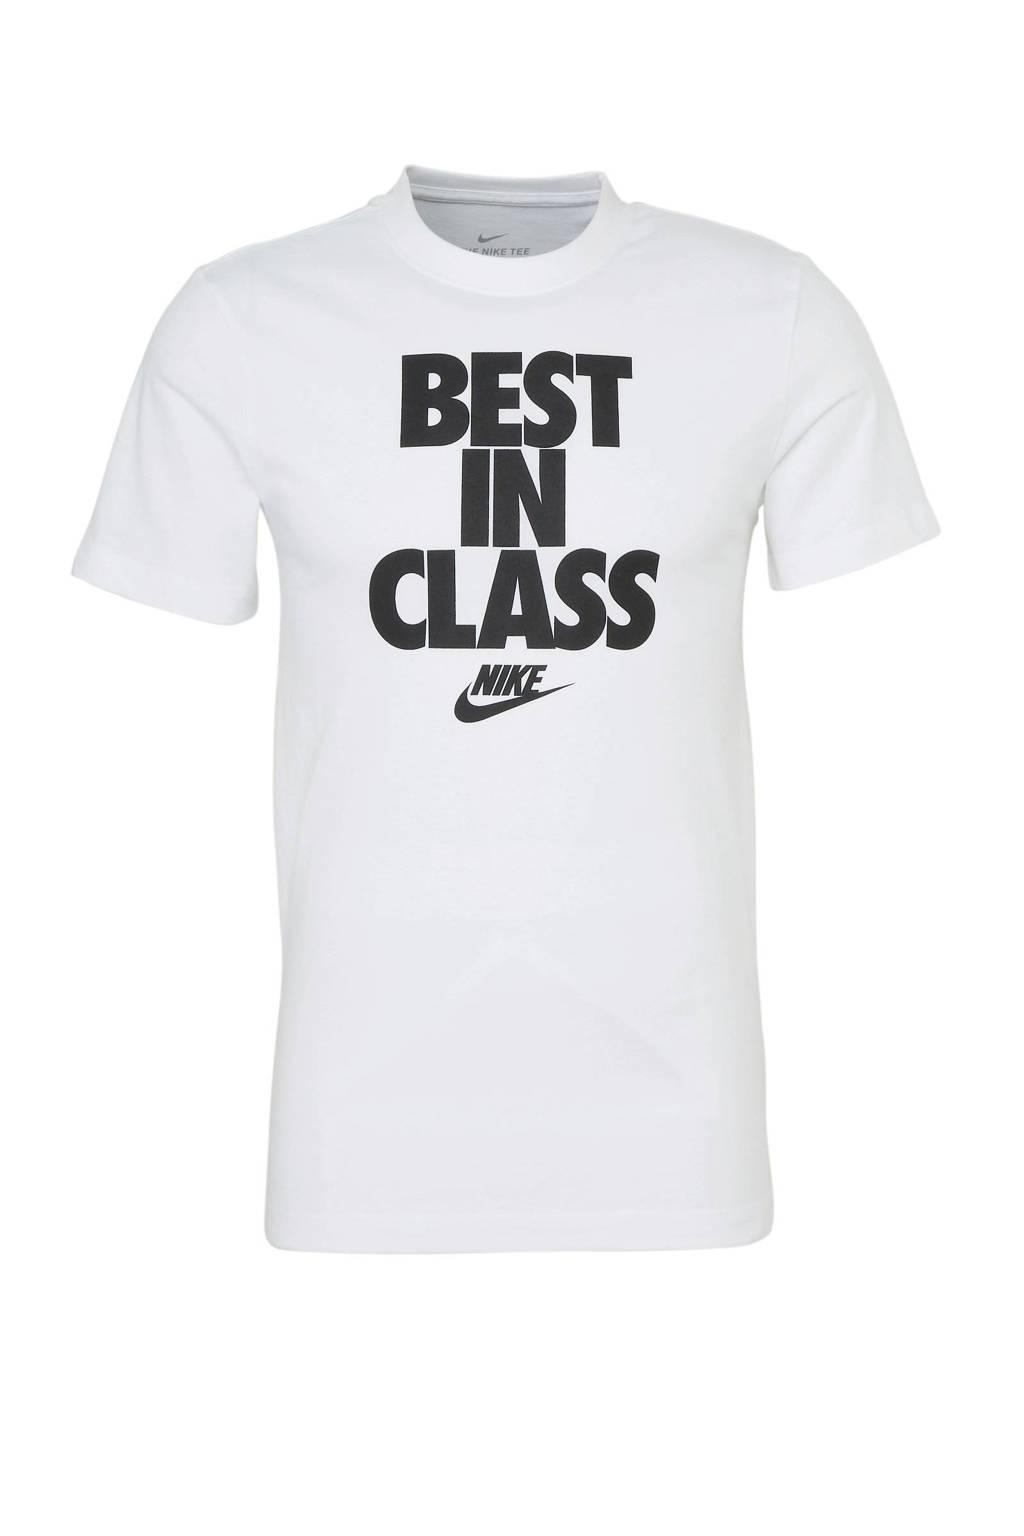 Nike   T-shirt, Wit/zwart